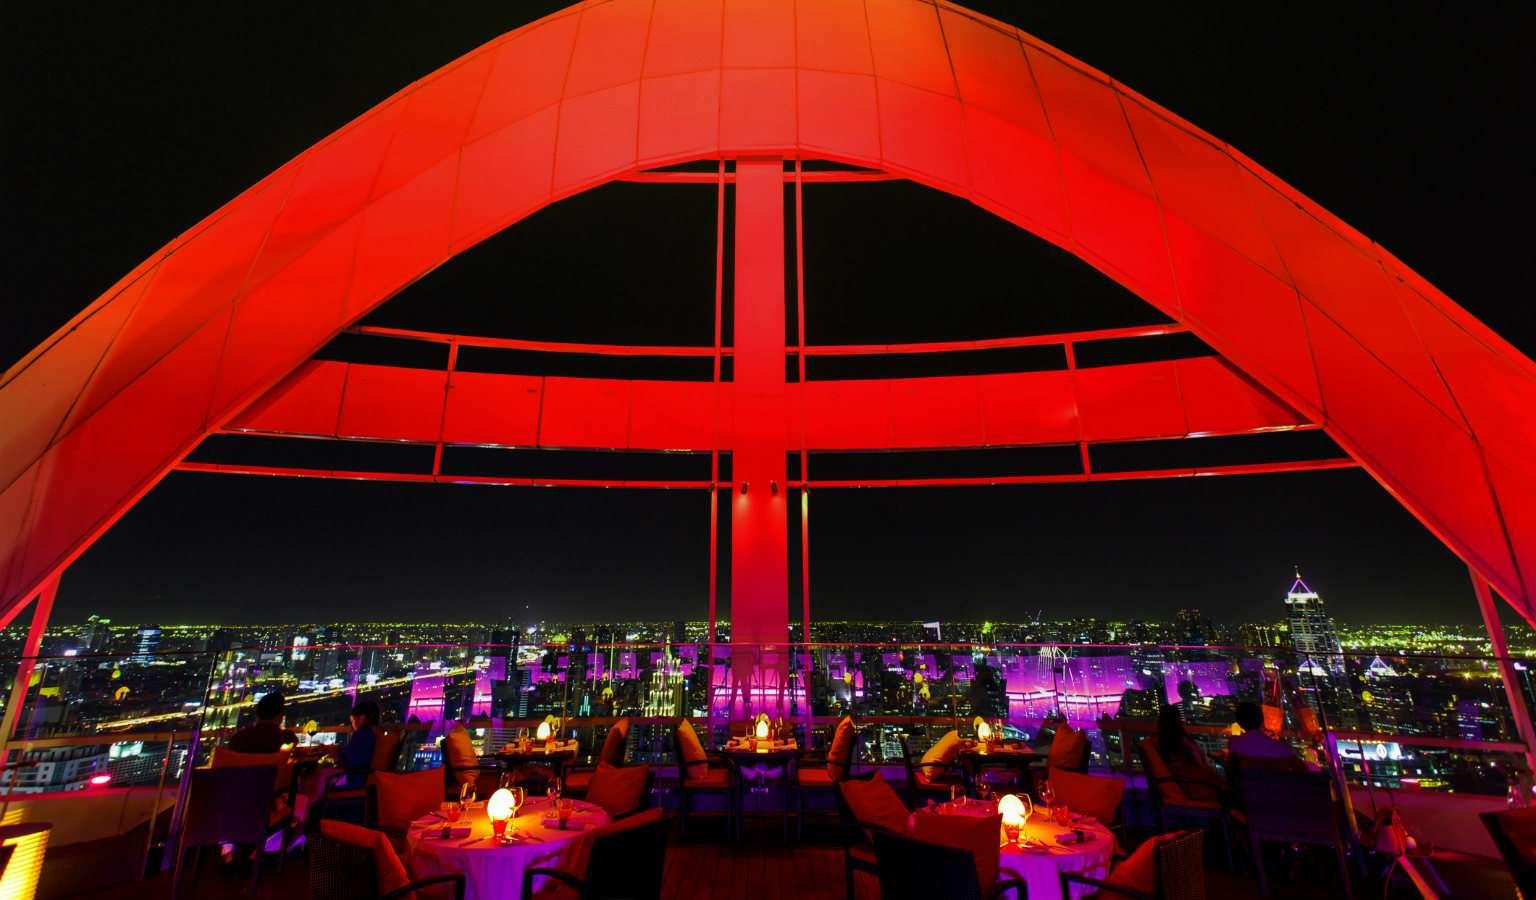 Red Sky Centara Grand Sky Bar, Bangkok, Thailand